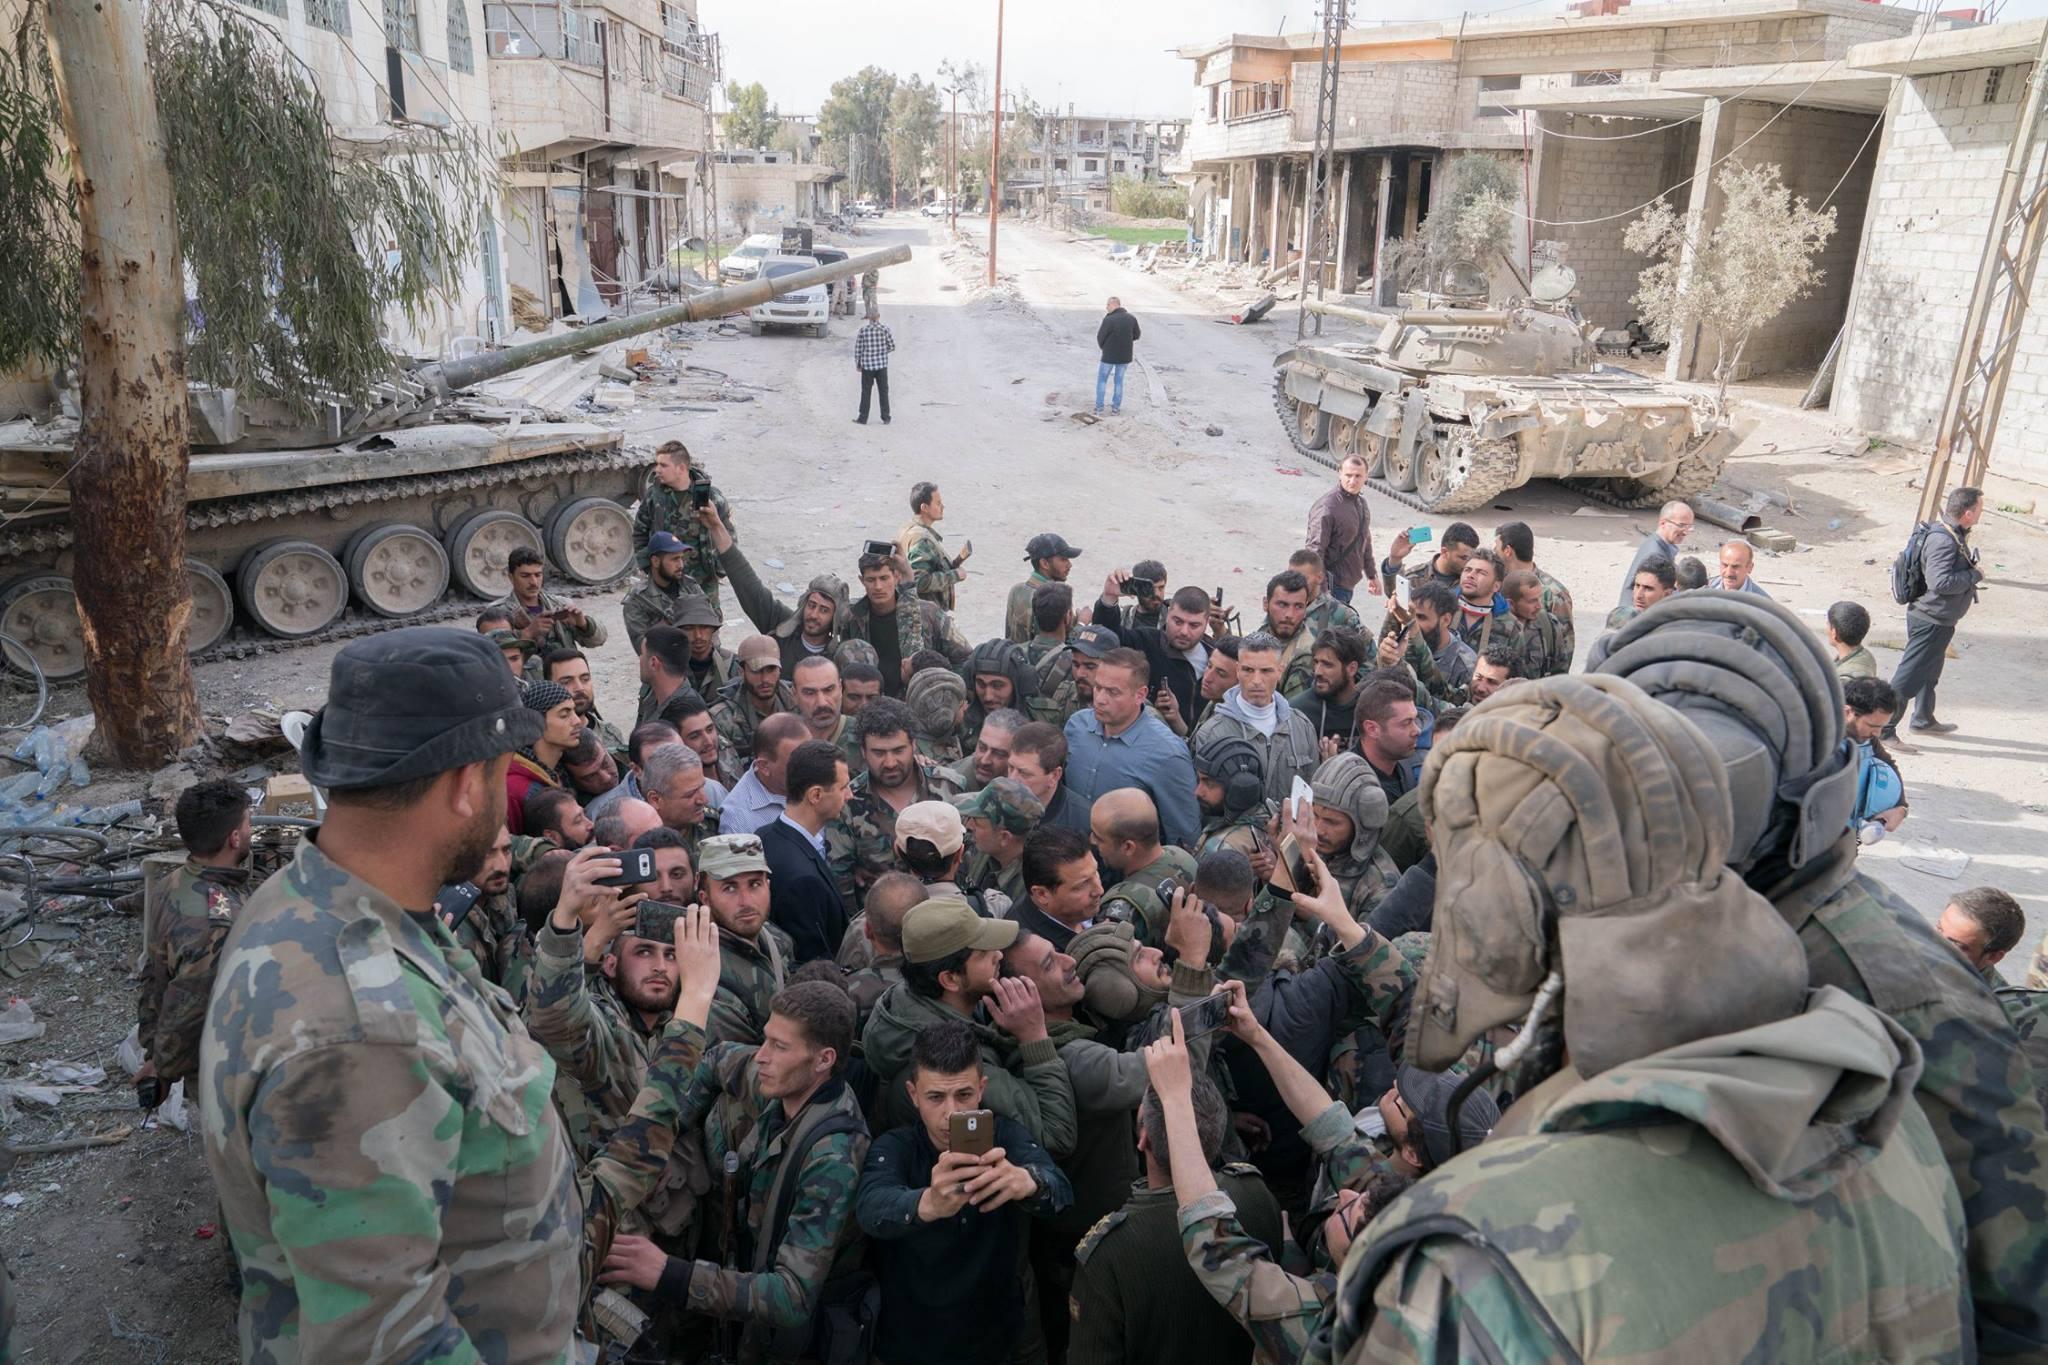 바샤르 알 아사드 대통령이 동부 고타 전선을 방문 ..